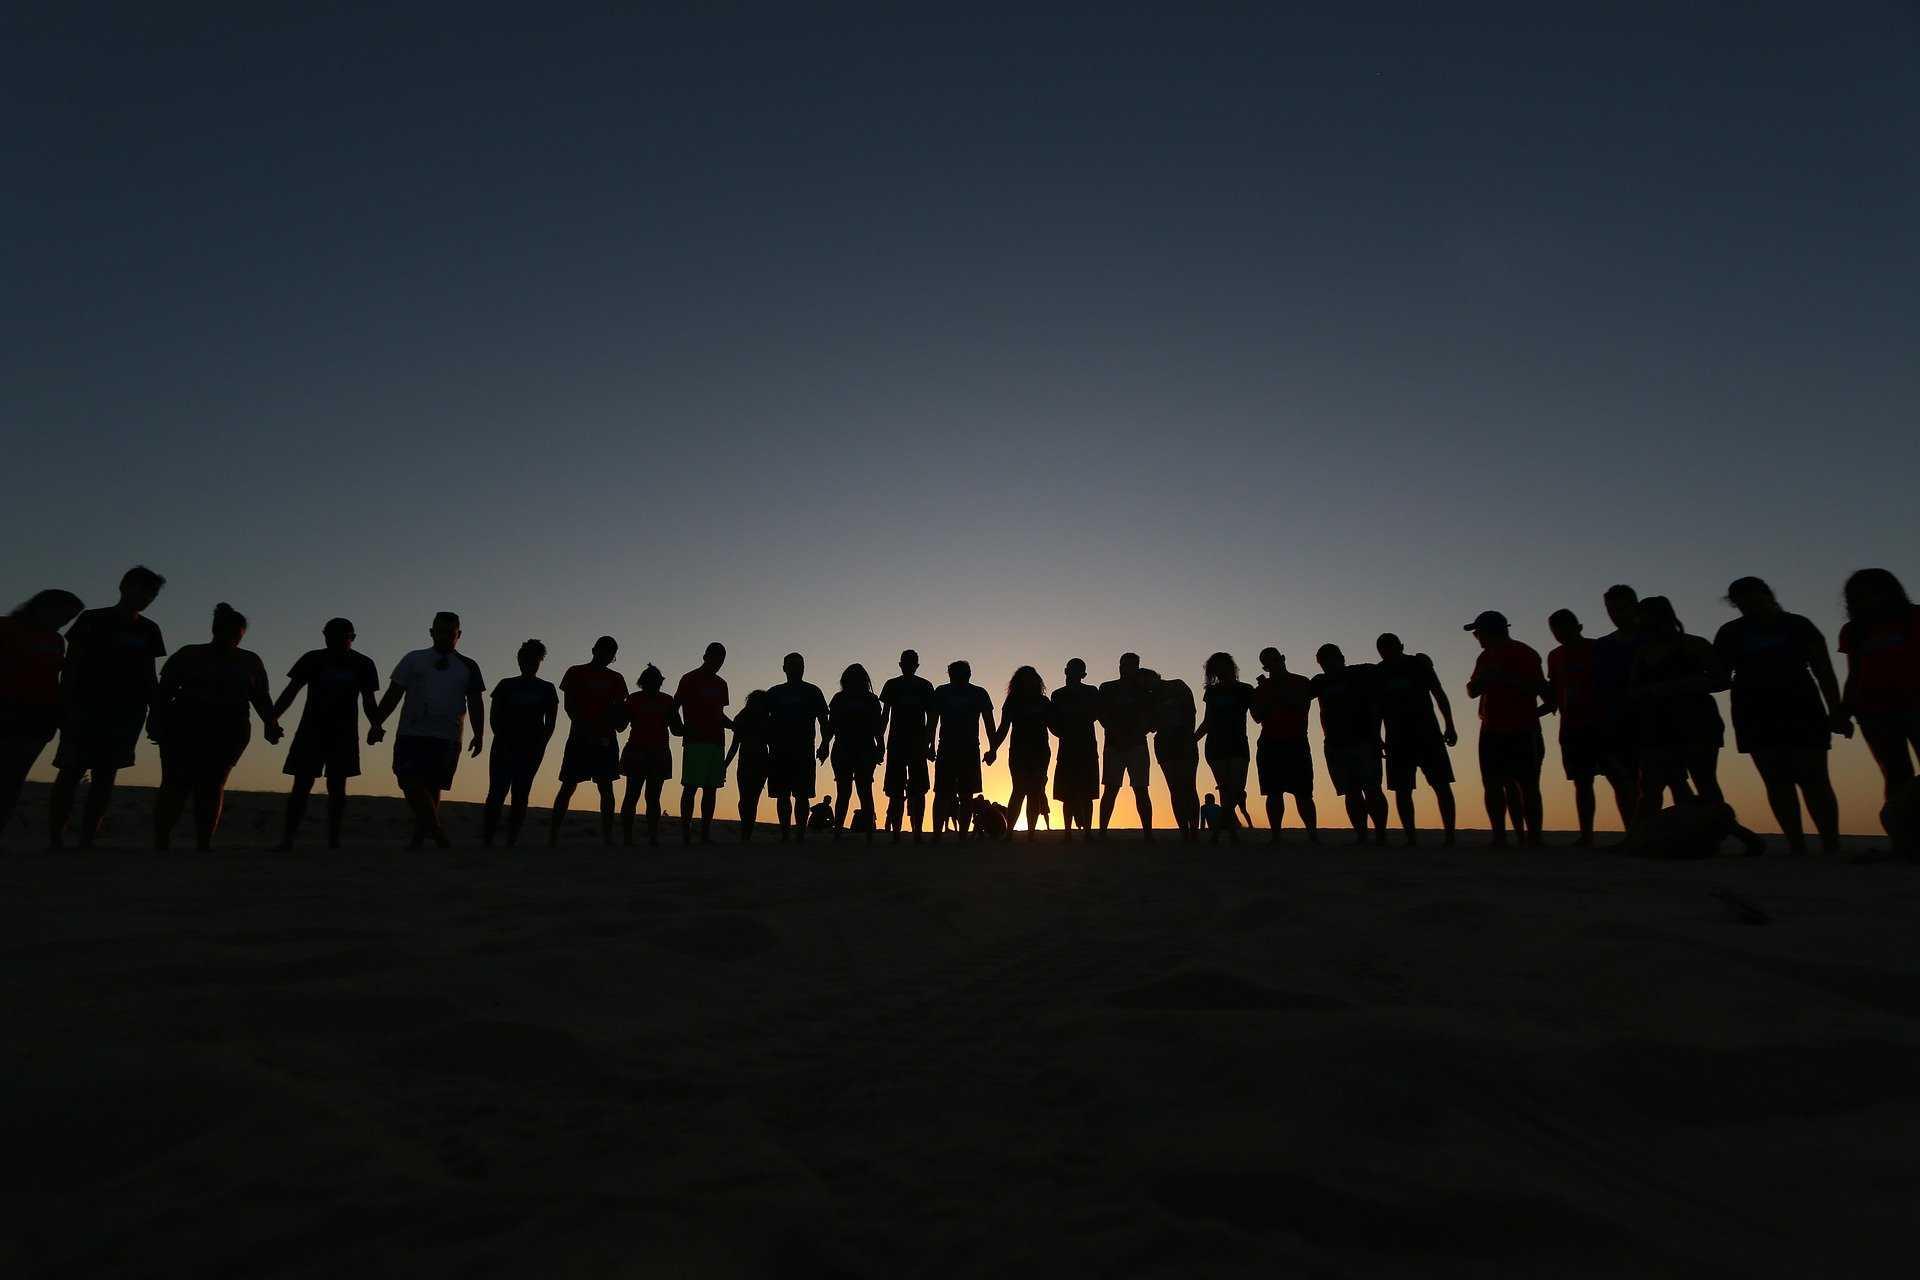 קורס הנחיית קבוצות: כוחה של קבוצה לחזק את הפרטים בה